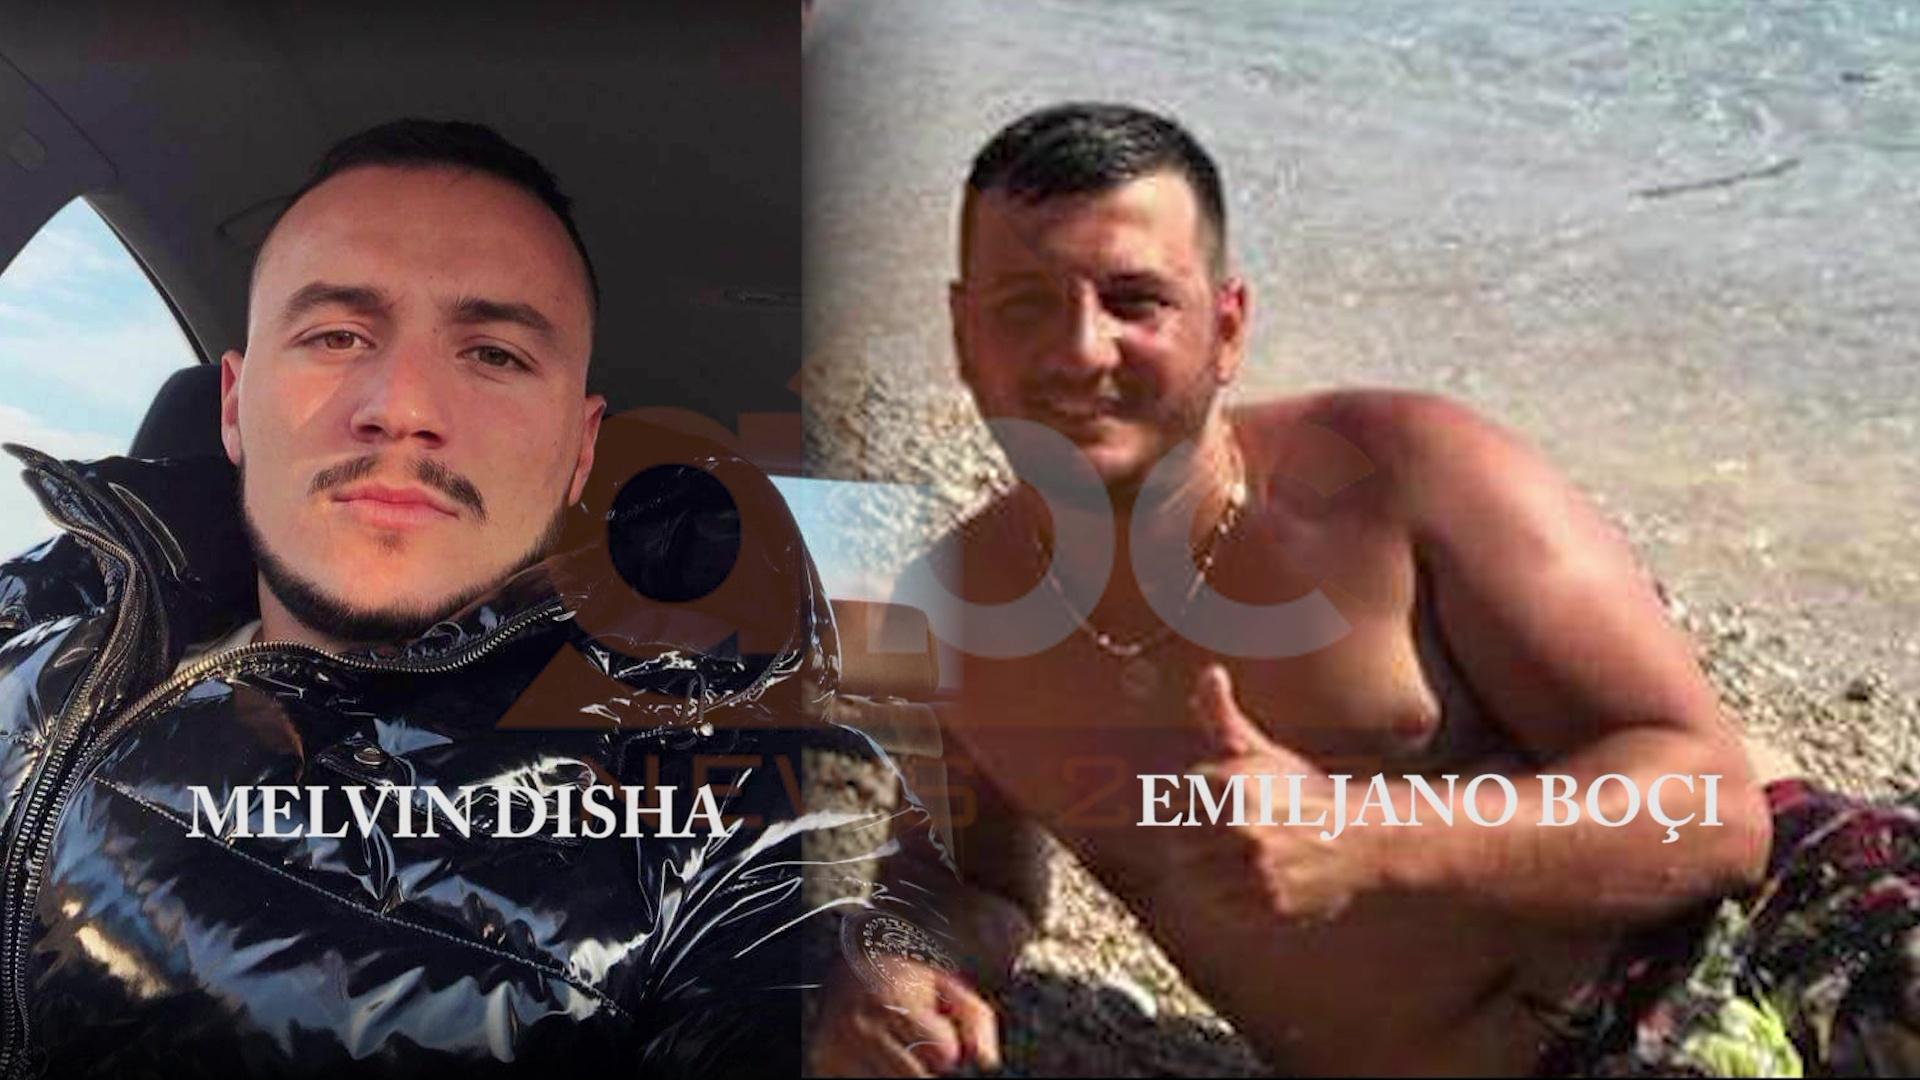 Policia detaje për vrasjen e Emiljano Boçit: Shkak pazaret e drogës